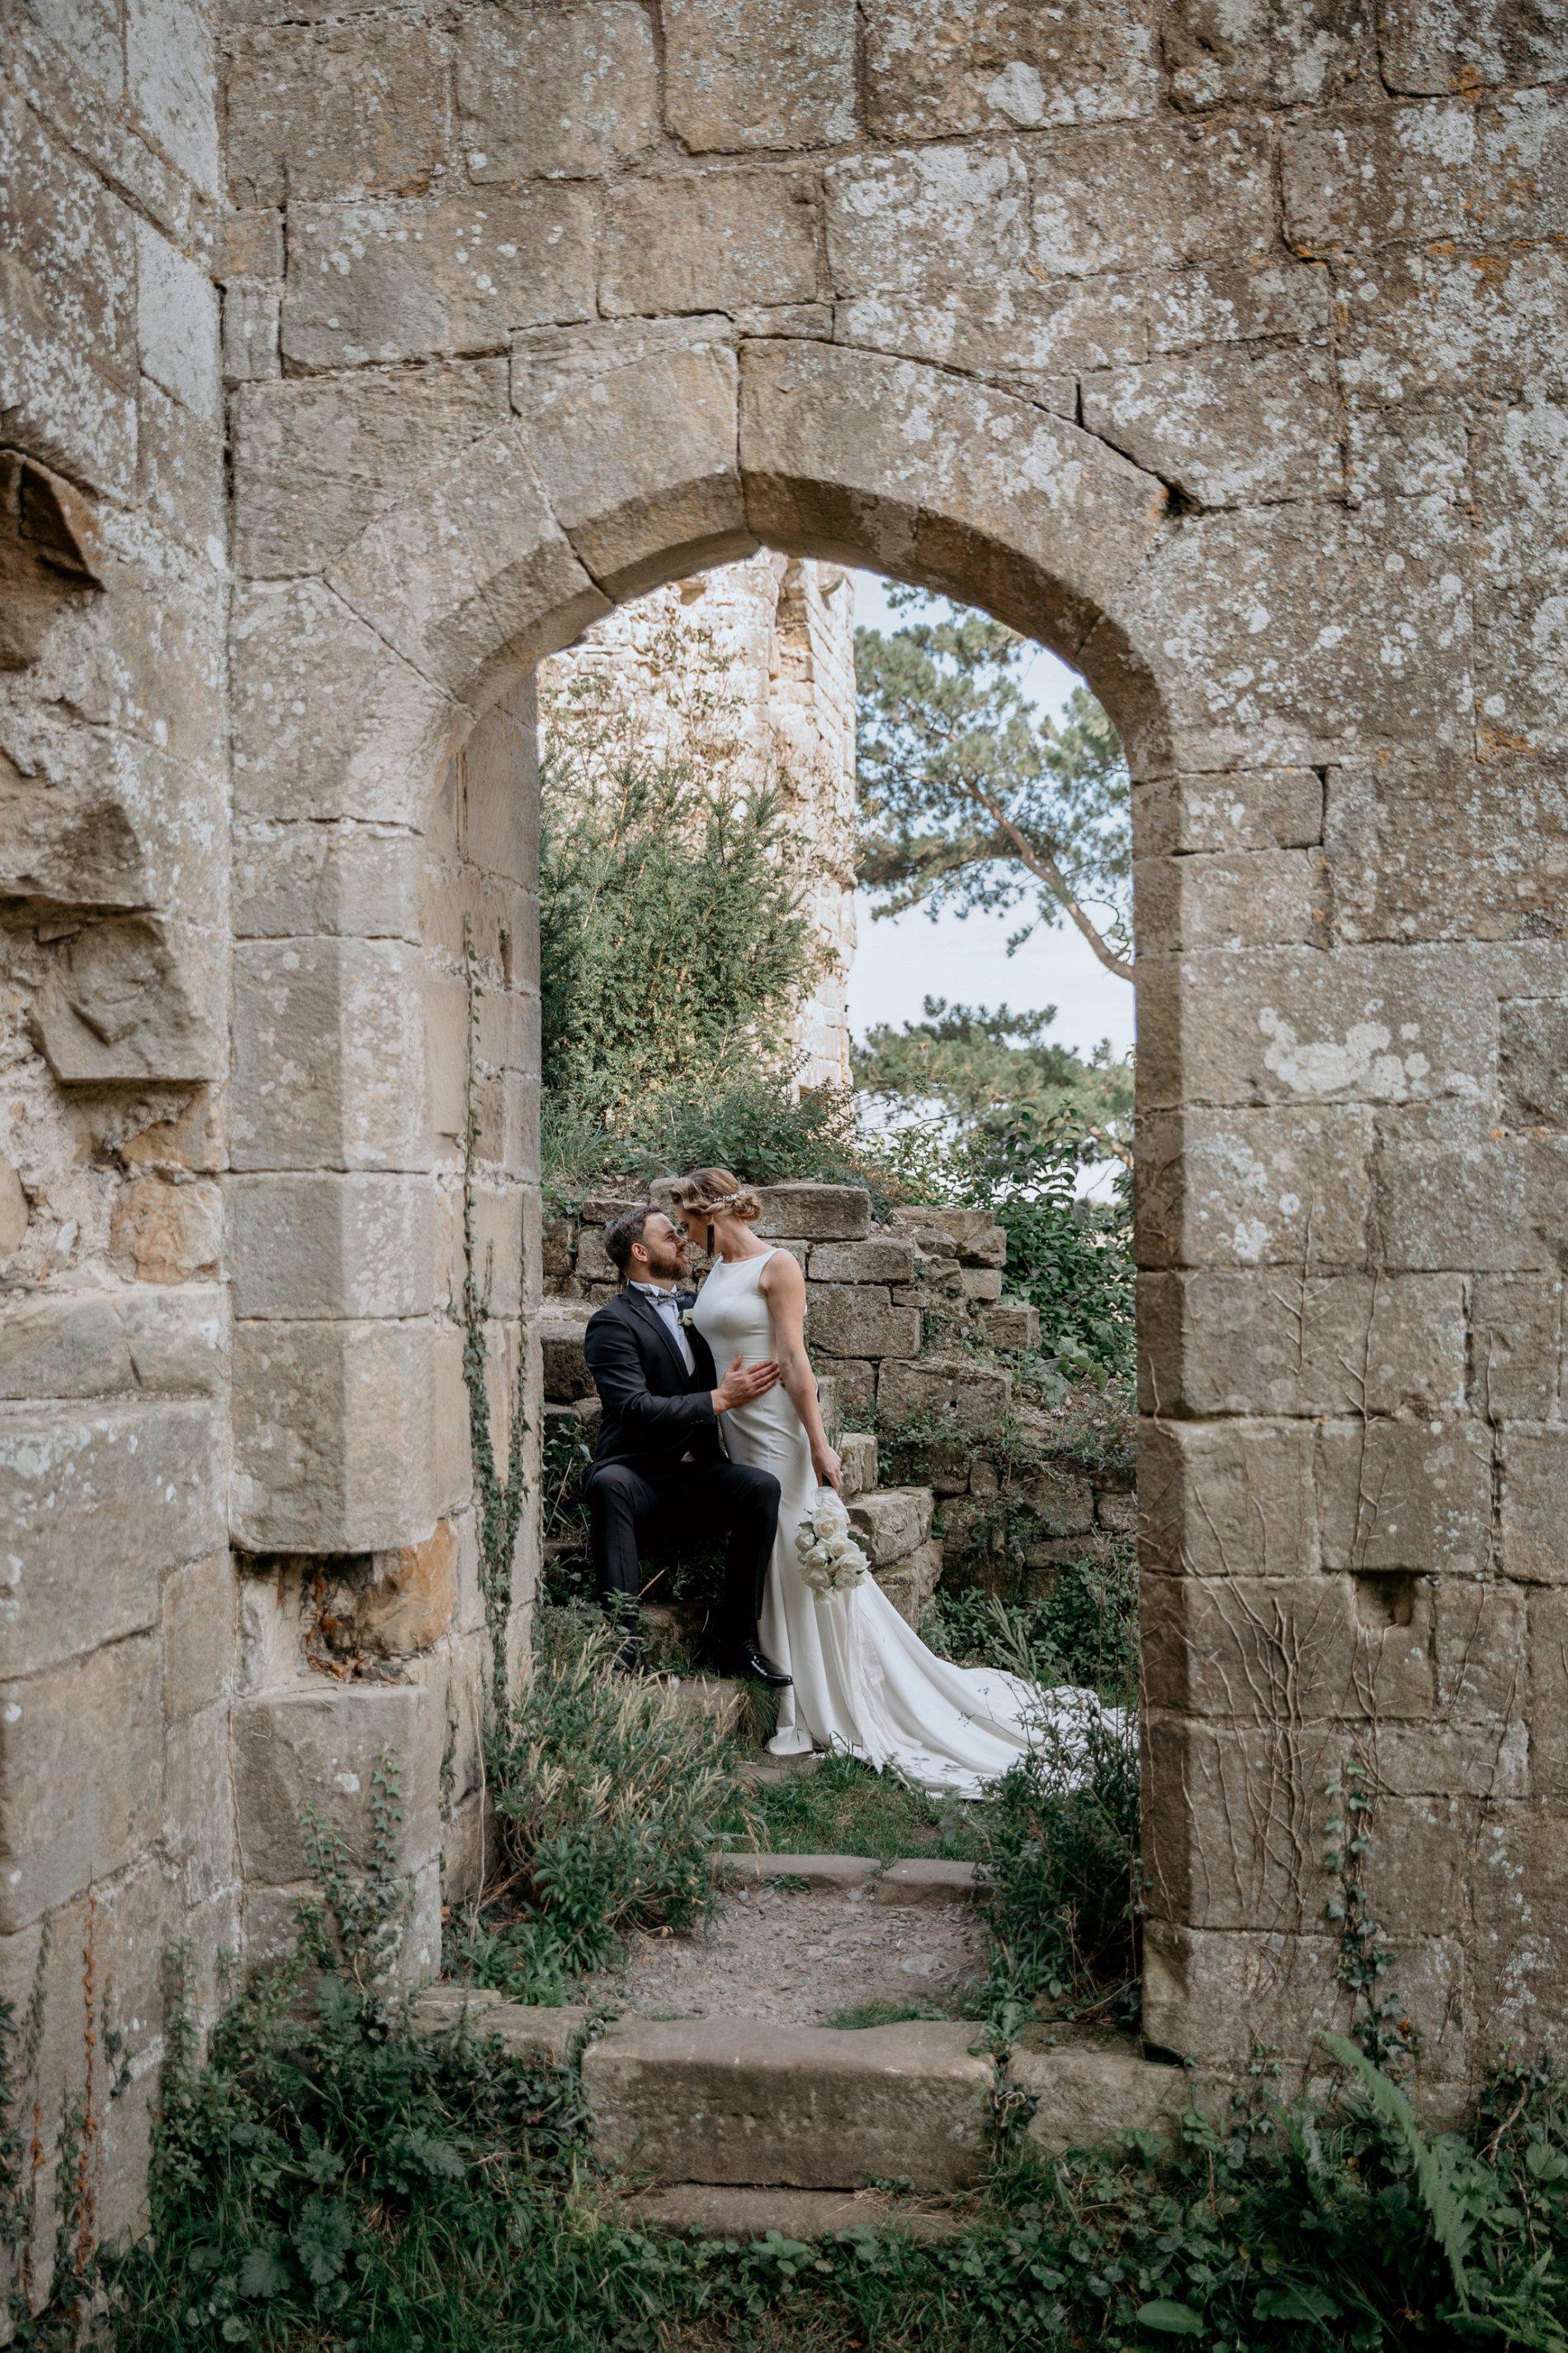 An Elegant Wedding Shoot at Jervaulx Abbey (c) Natalie Hamilton Photography (13)